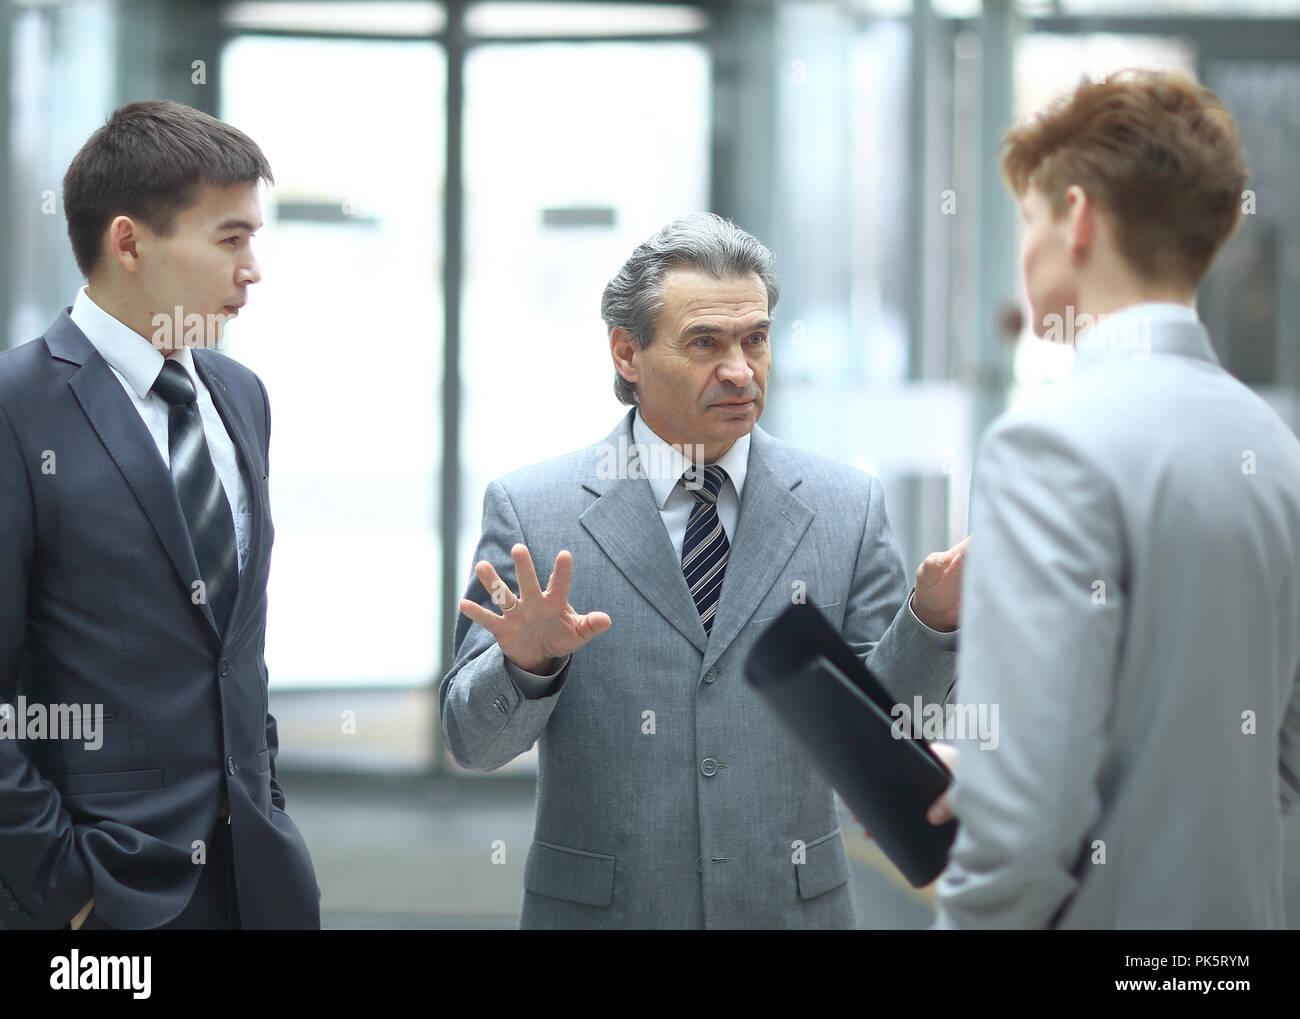 Il boss rigorosa parlando con un dipendente.foto sfocate sullo sfondo di office Immagini Stock